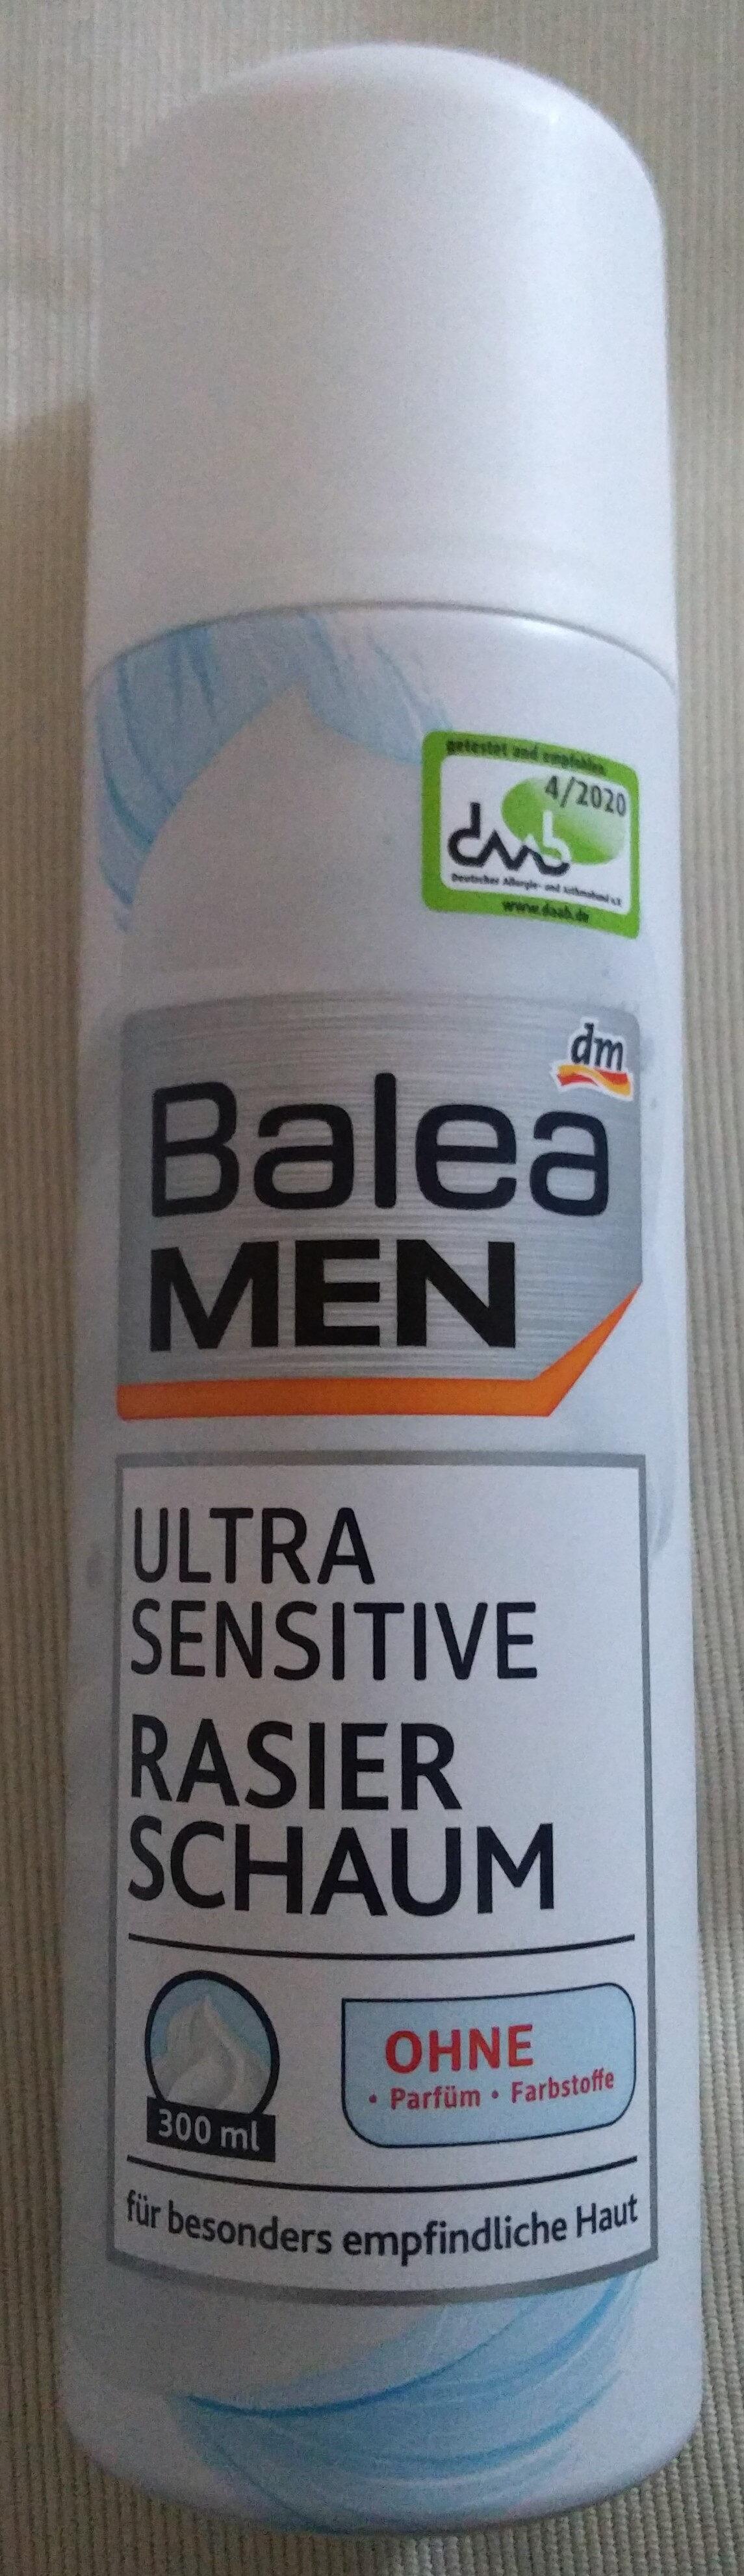 Ultra Sensitive Rasierschaum - Продукт - de